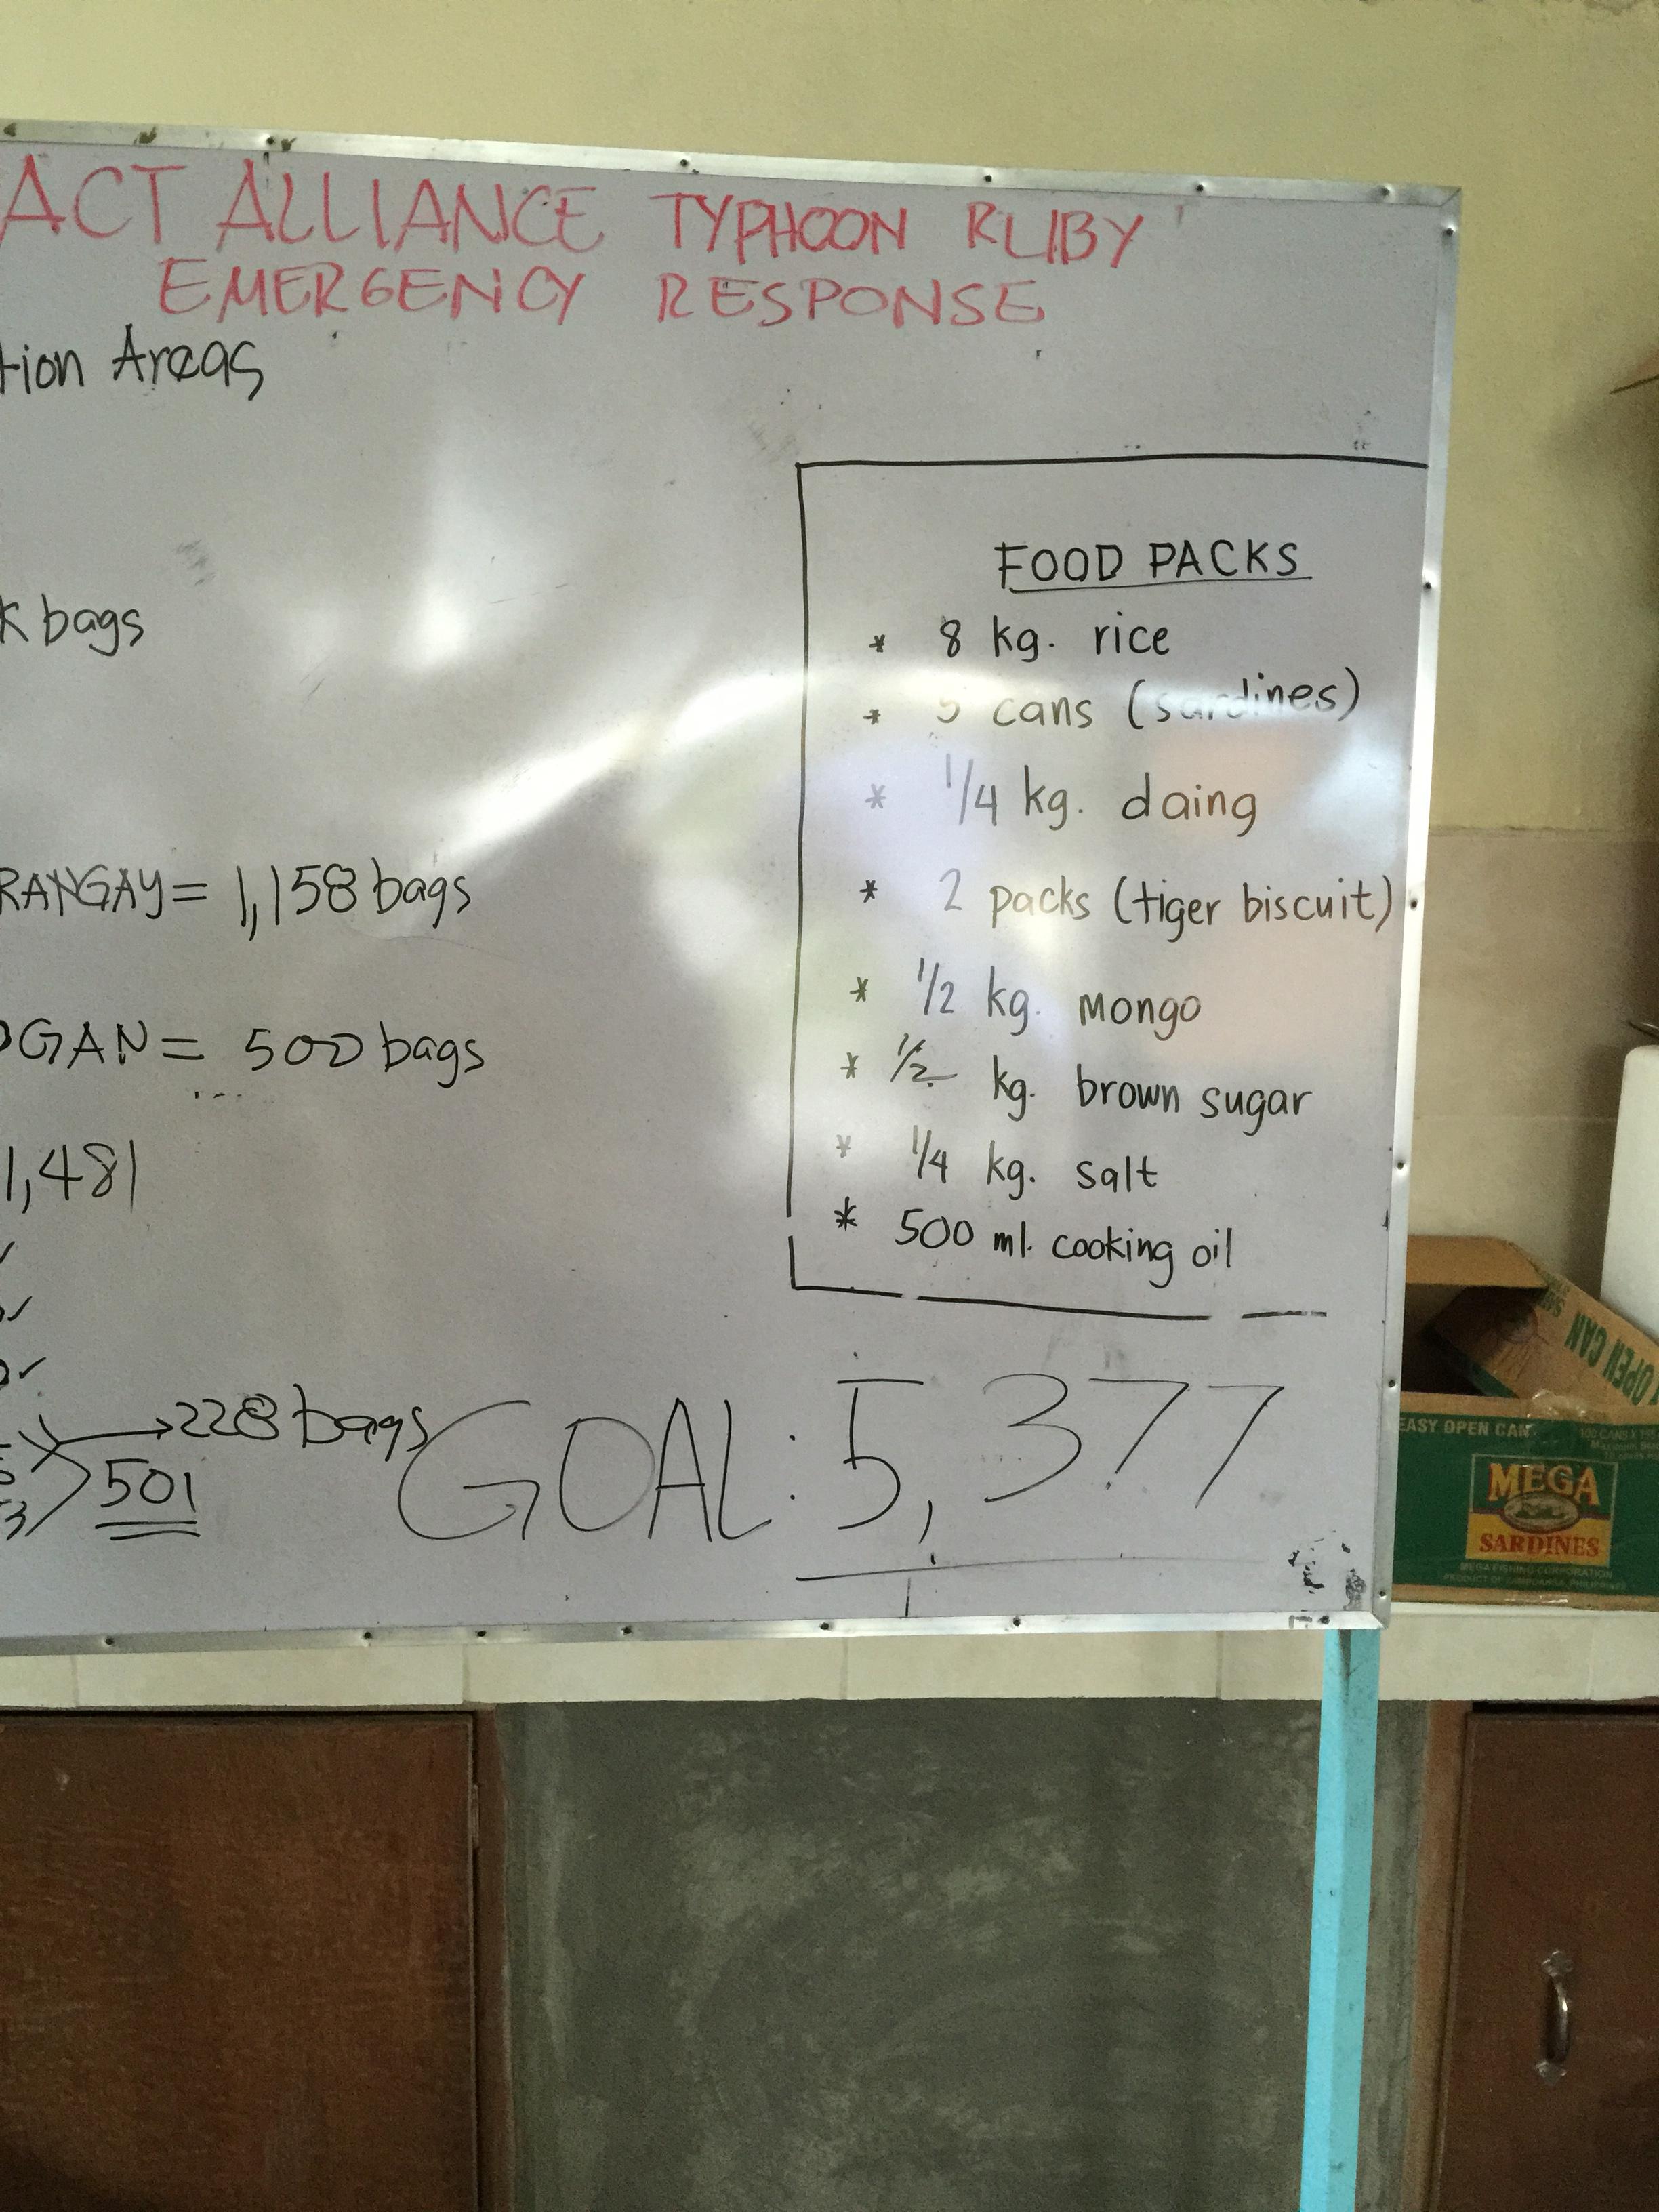 relief goods targets